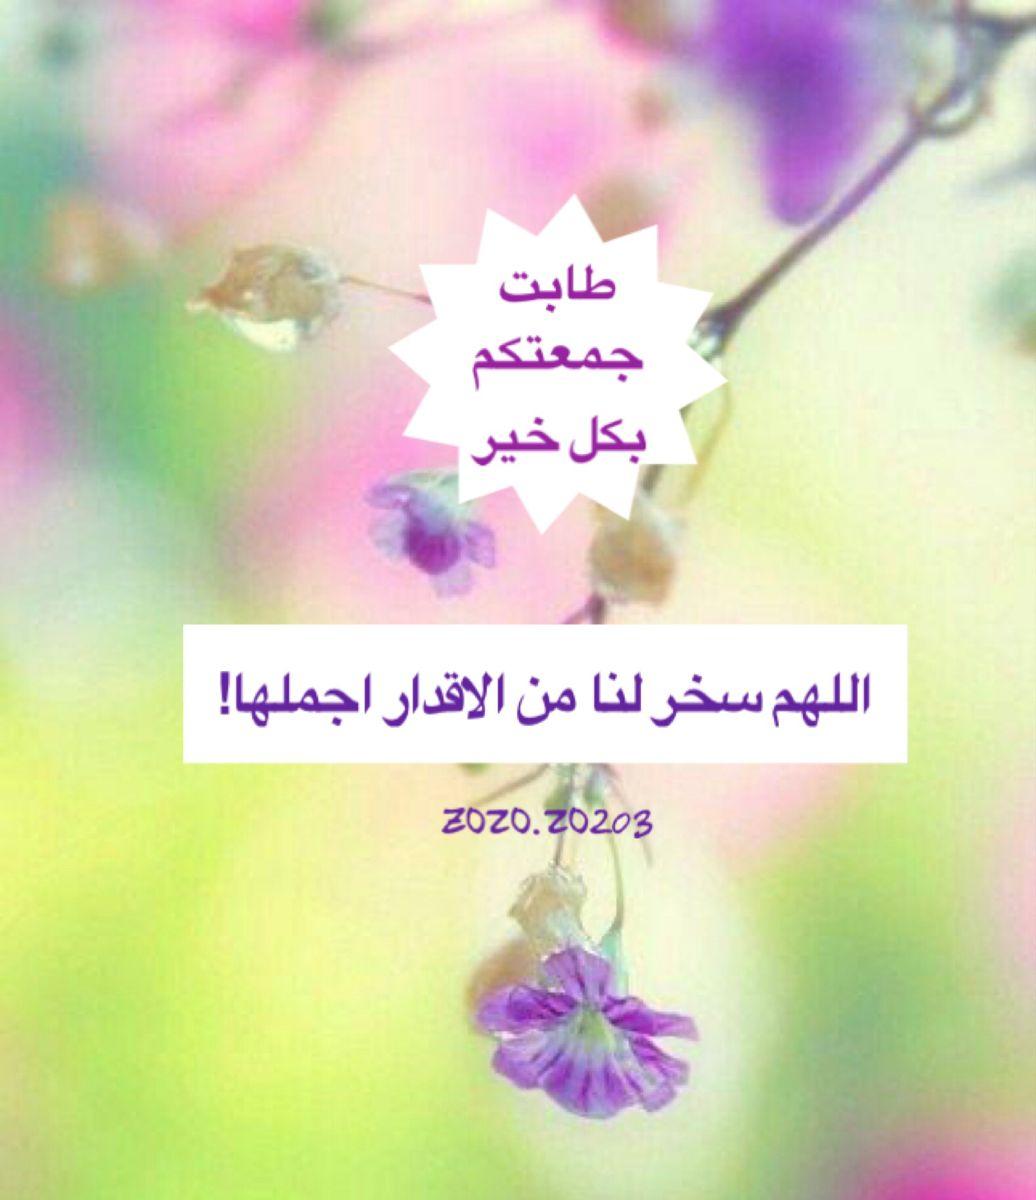 طابت جمعتكم Islamic Pictures Place Card Holders Jumma Mubarak Images